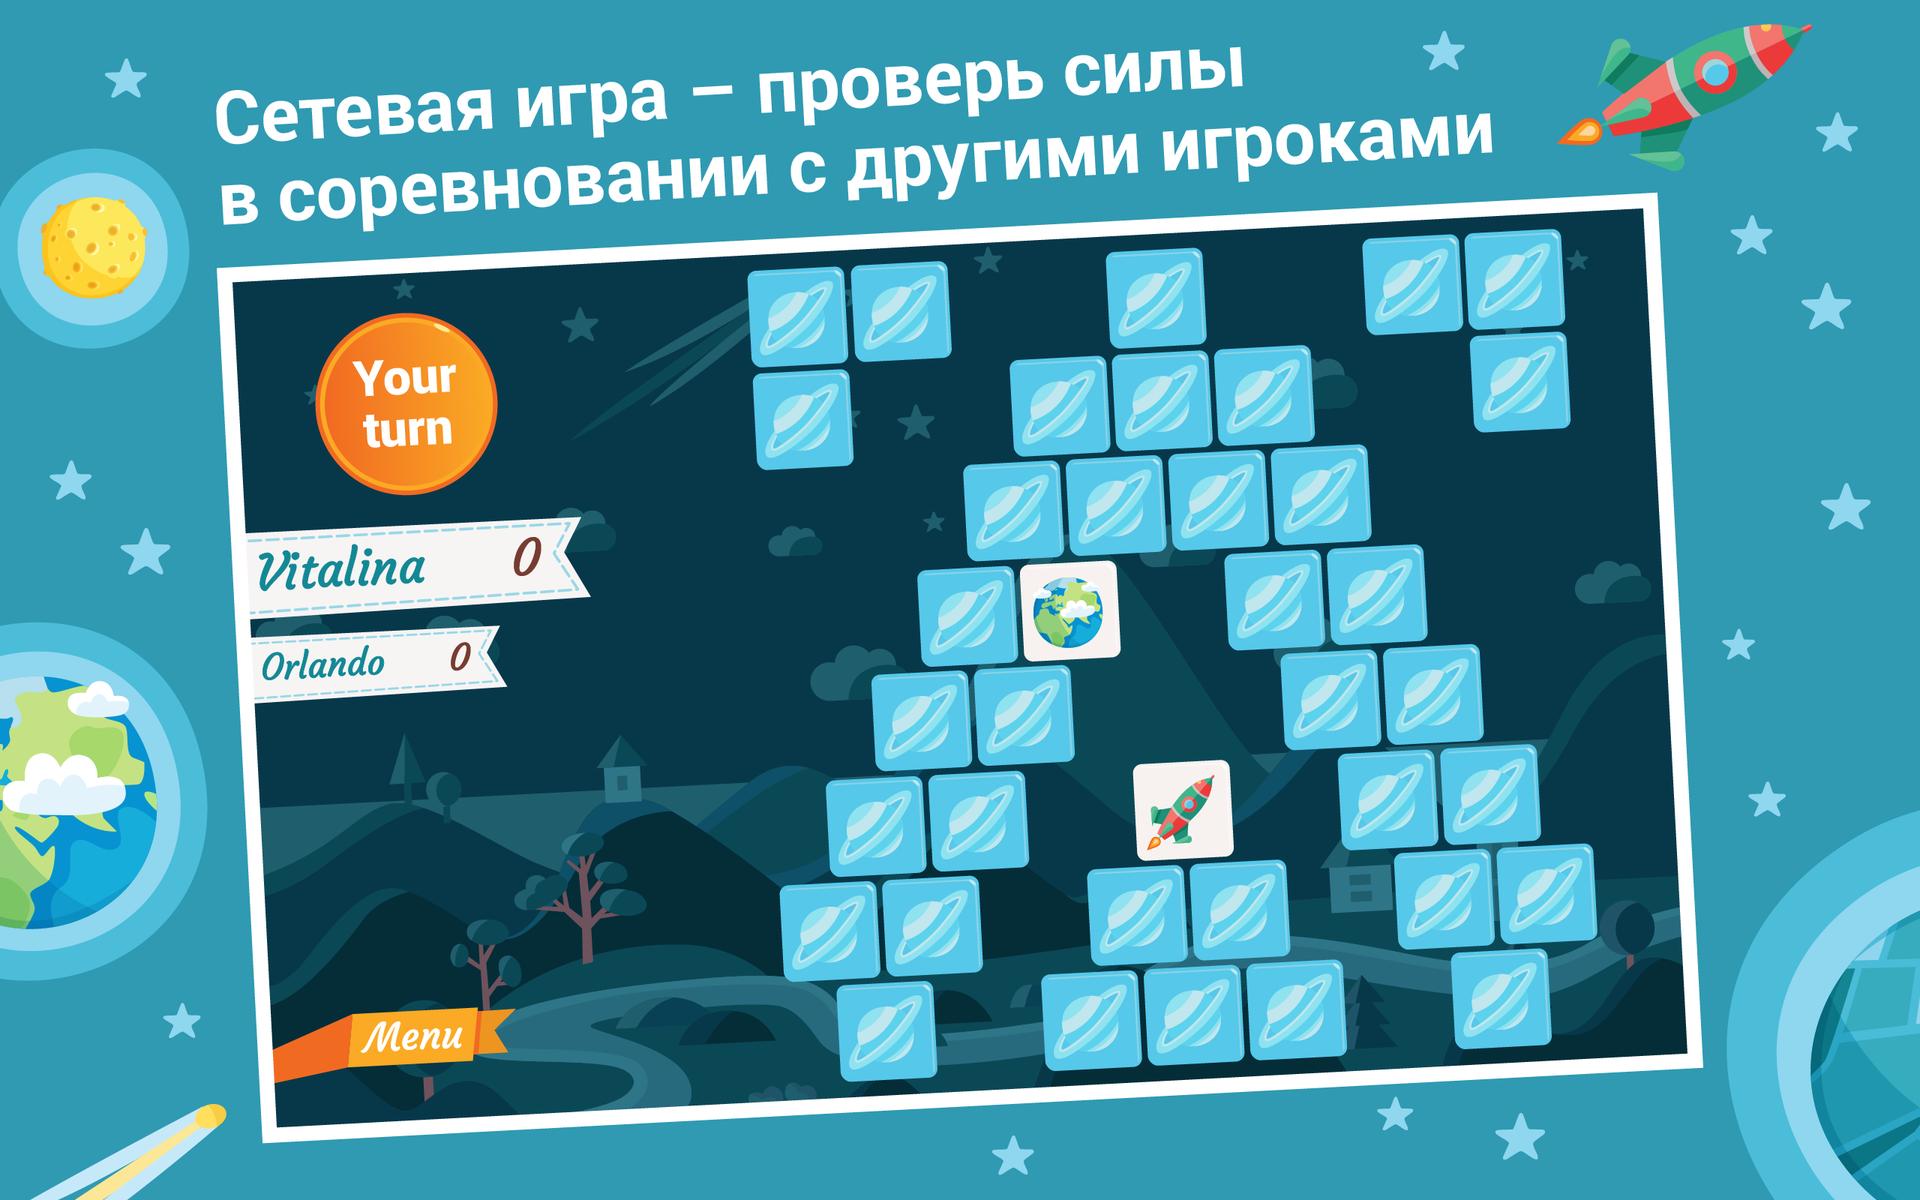 Twins Memory Game — клон очередной игры найди пару? Или все-таки что-то новенькое? Краткая история разработки игры - 7